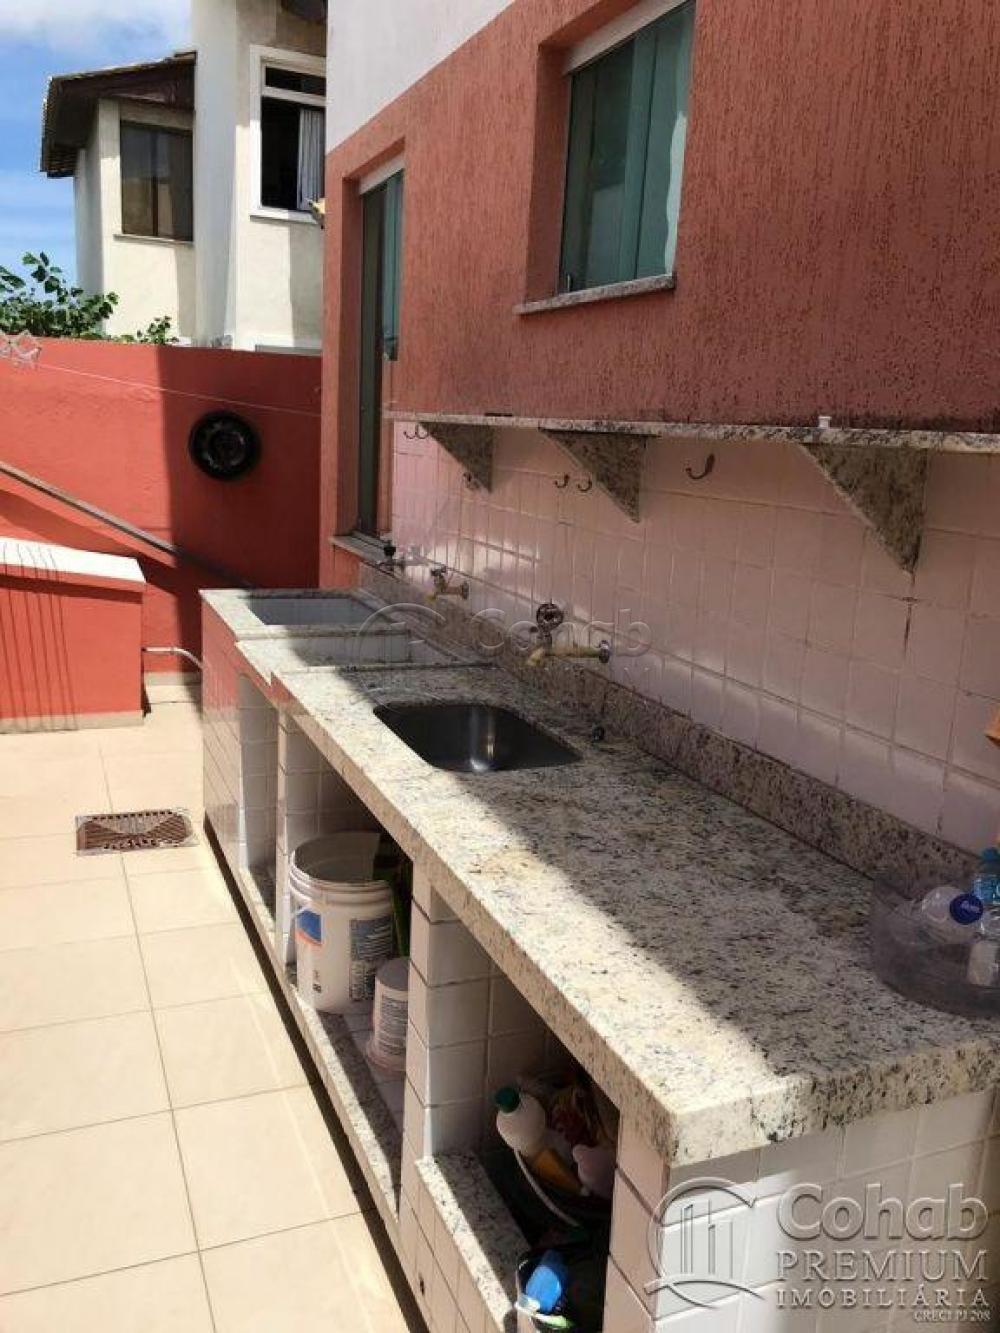 Comprar Casa / Condomínio em Aracaju apenas R$ 1.200.000,00 - Foto 8